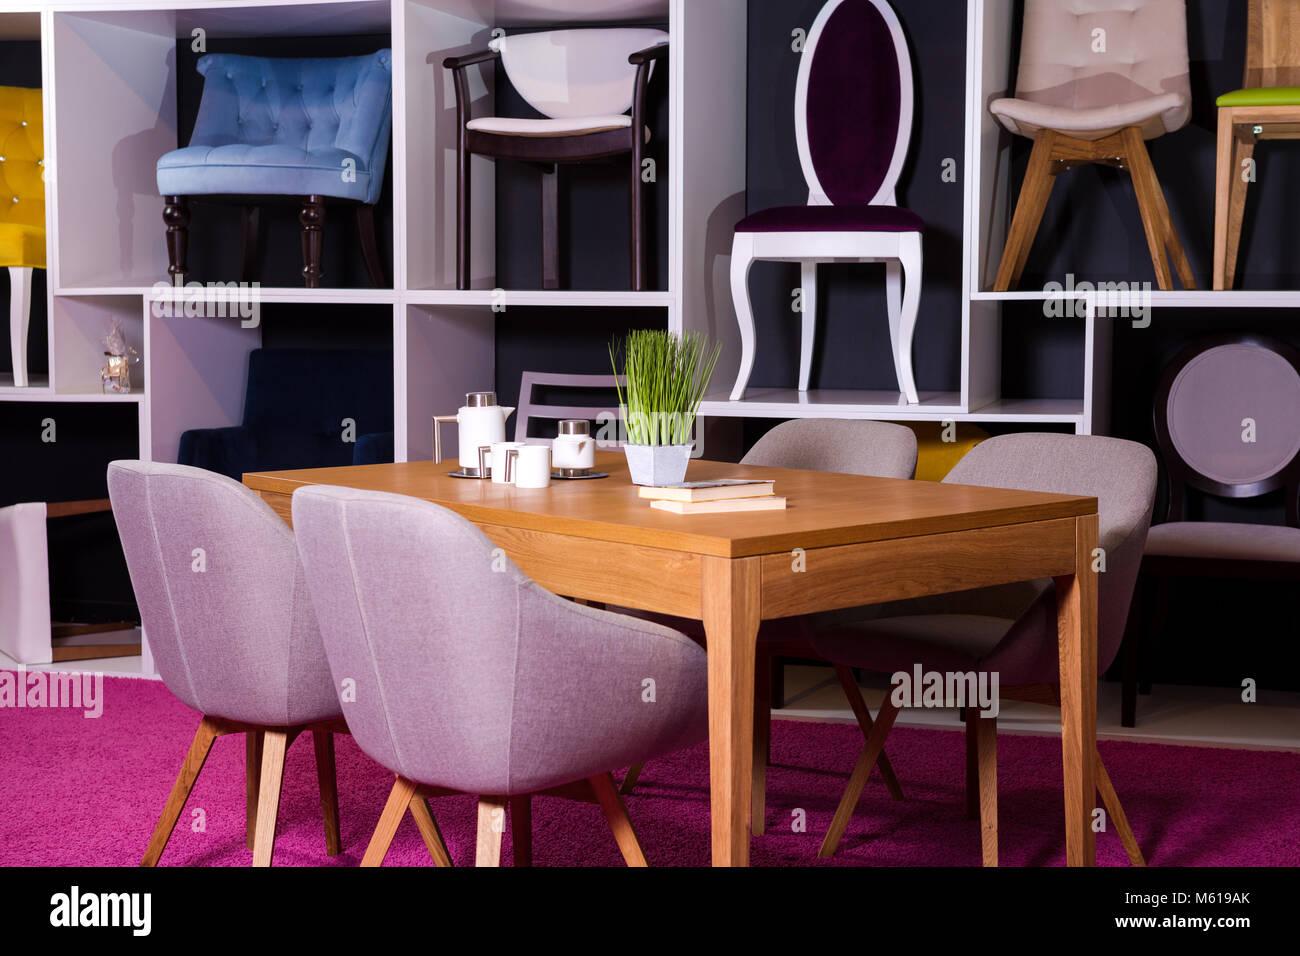 Holztisch Mit Finest Holztisch With Holztisch Mit Luxus